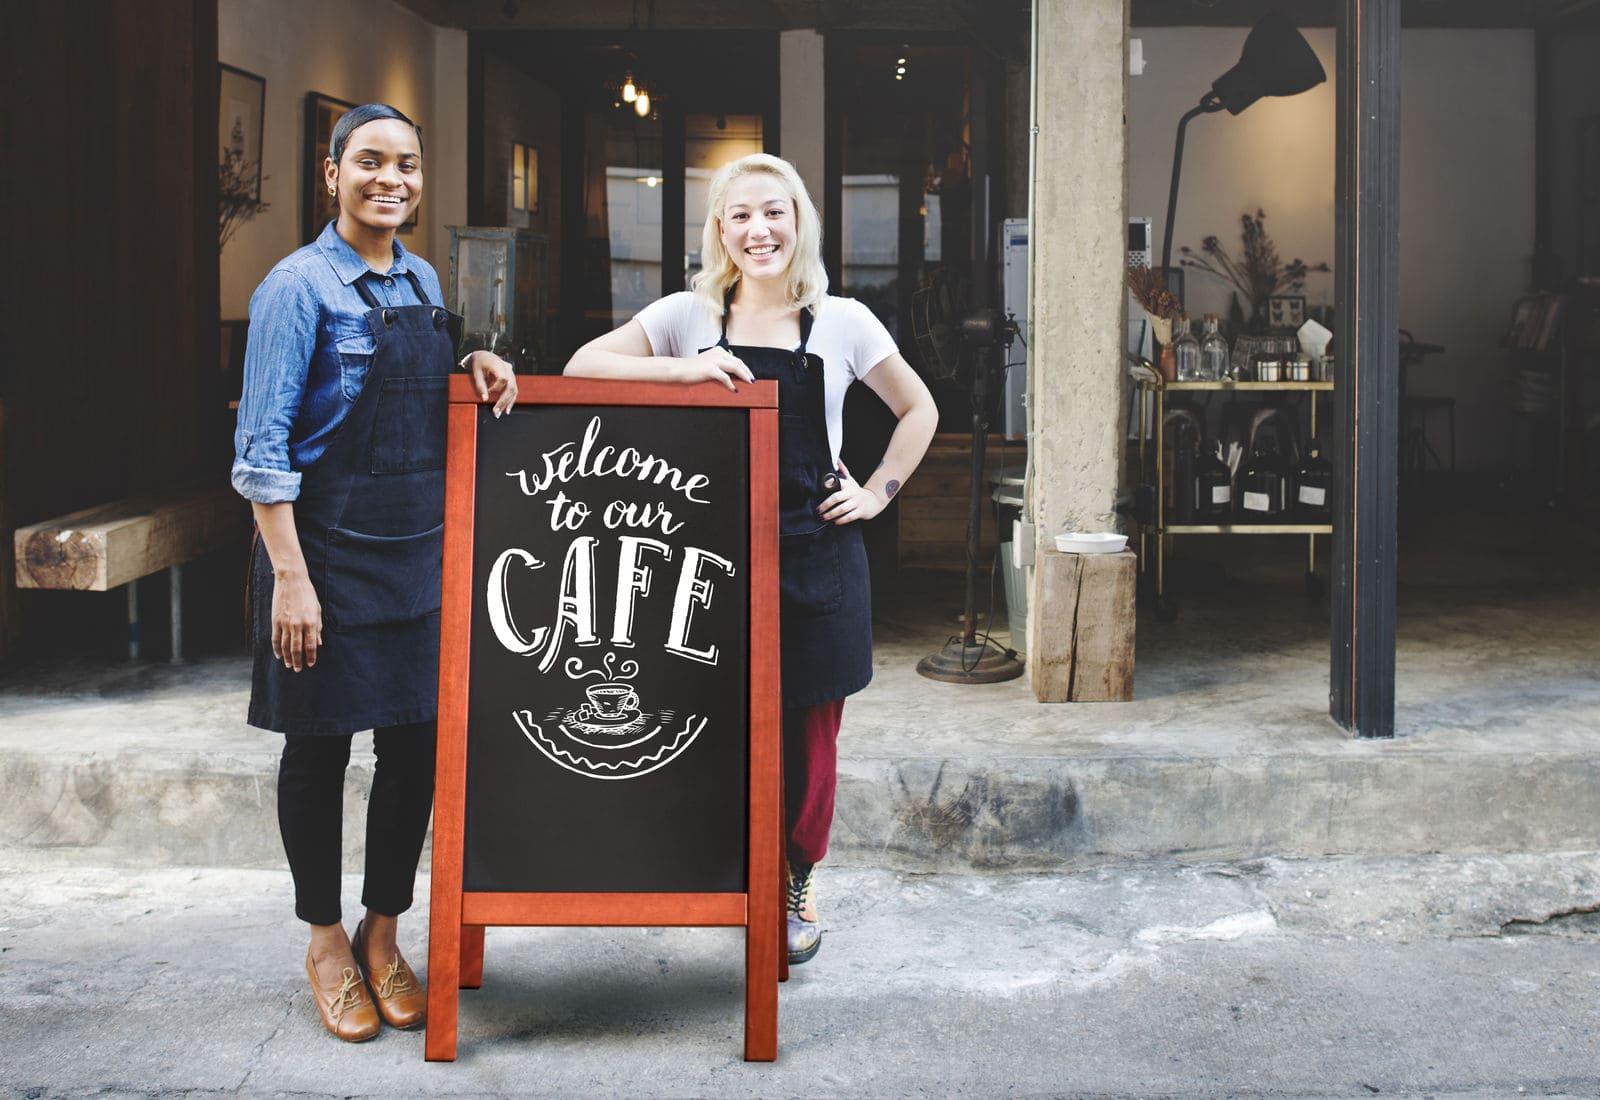 Holz Kundenstopper Mahagoni für Caffees, Restaurants, Bars - Black Friday Sale bei Kundenstopper24